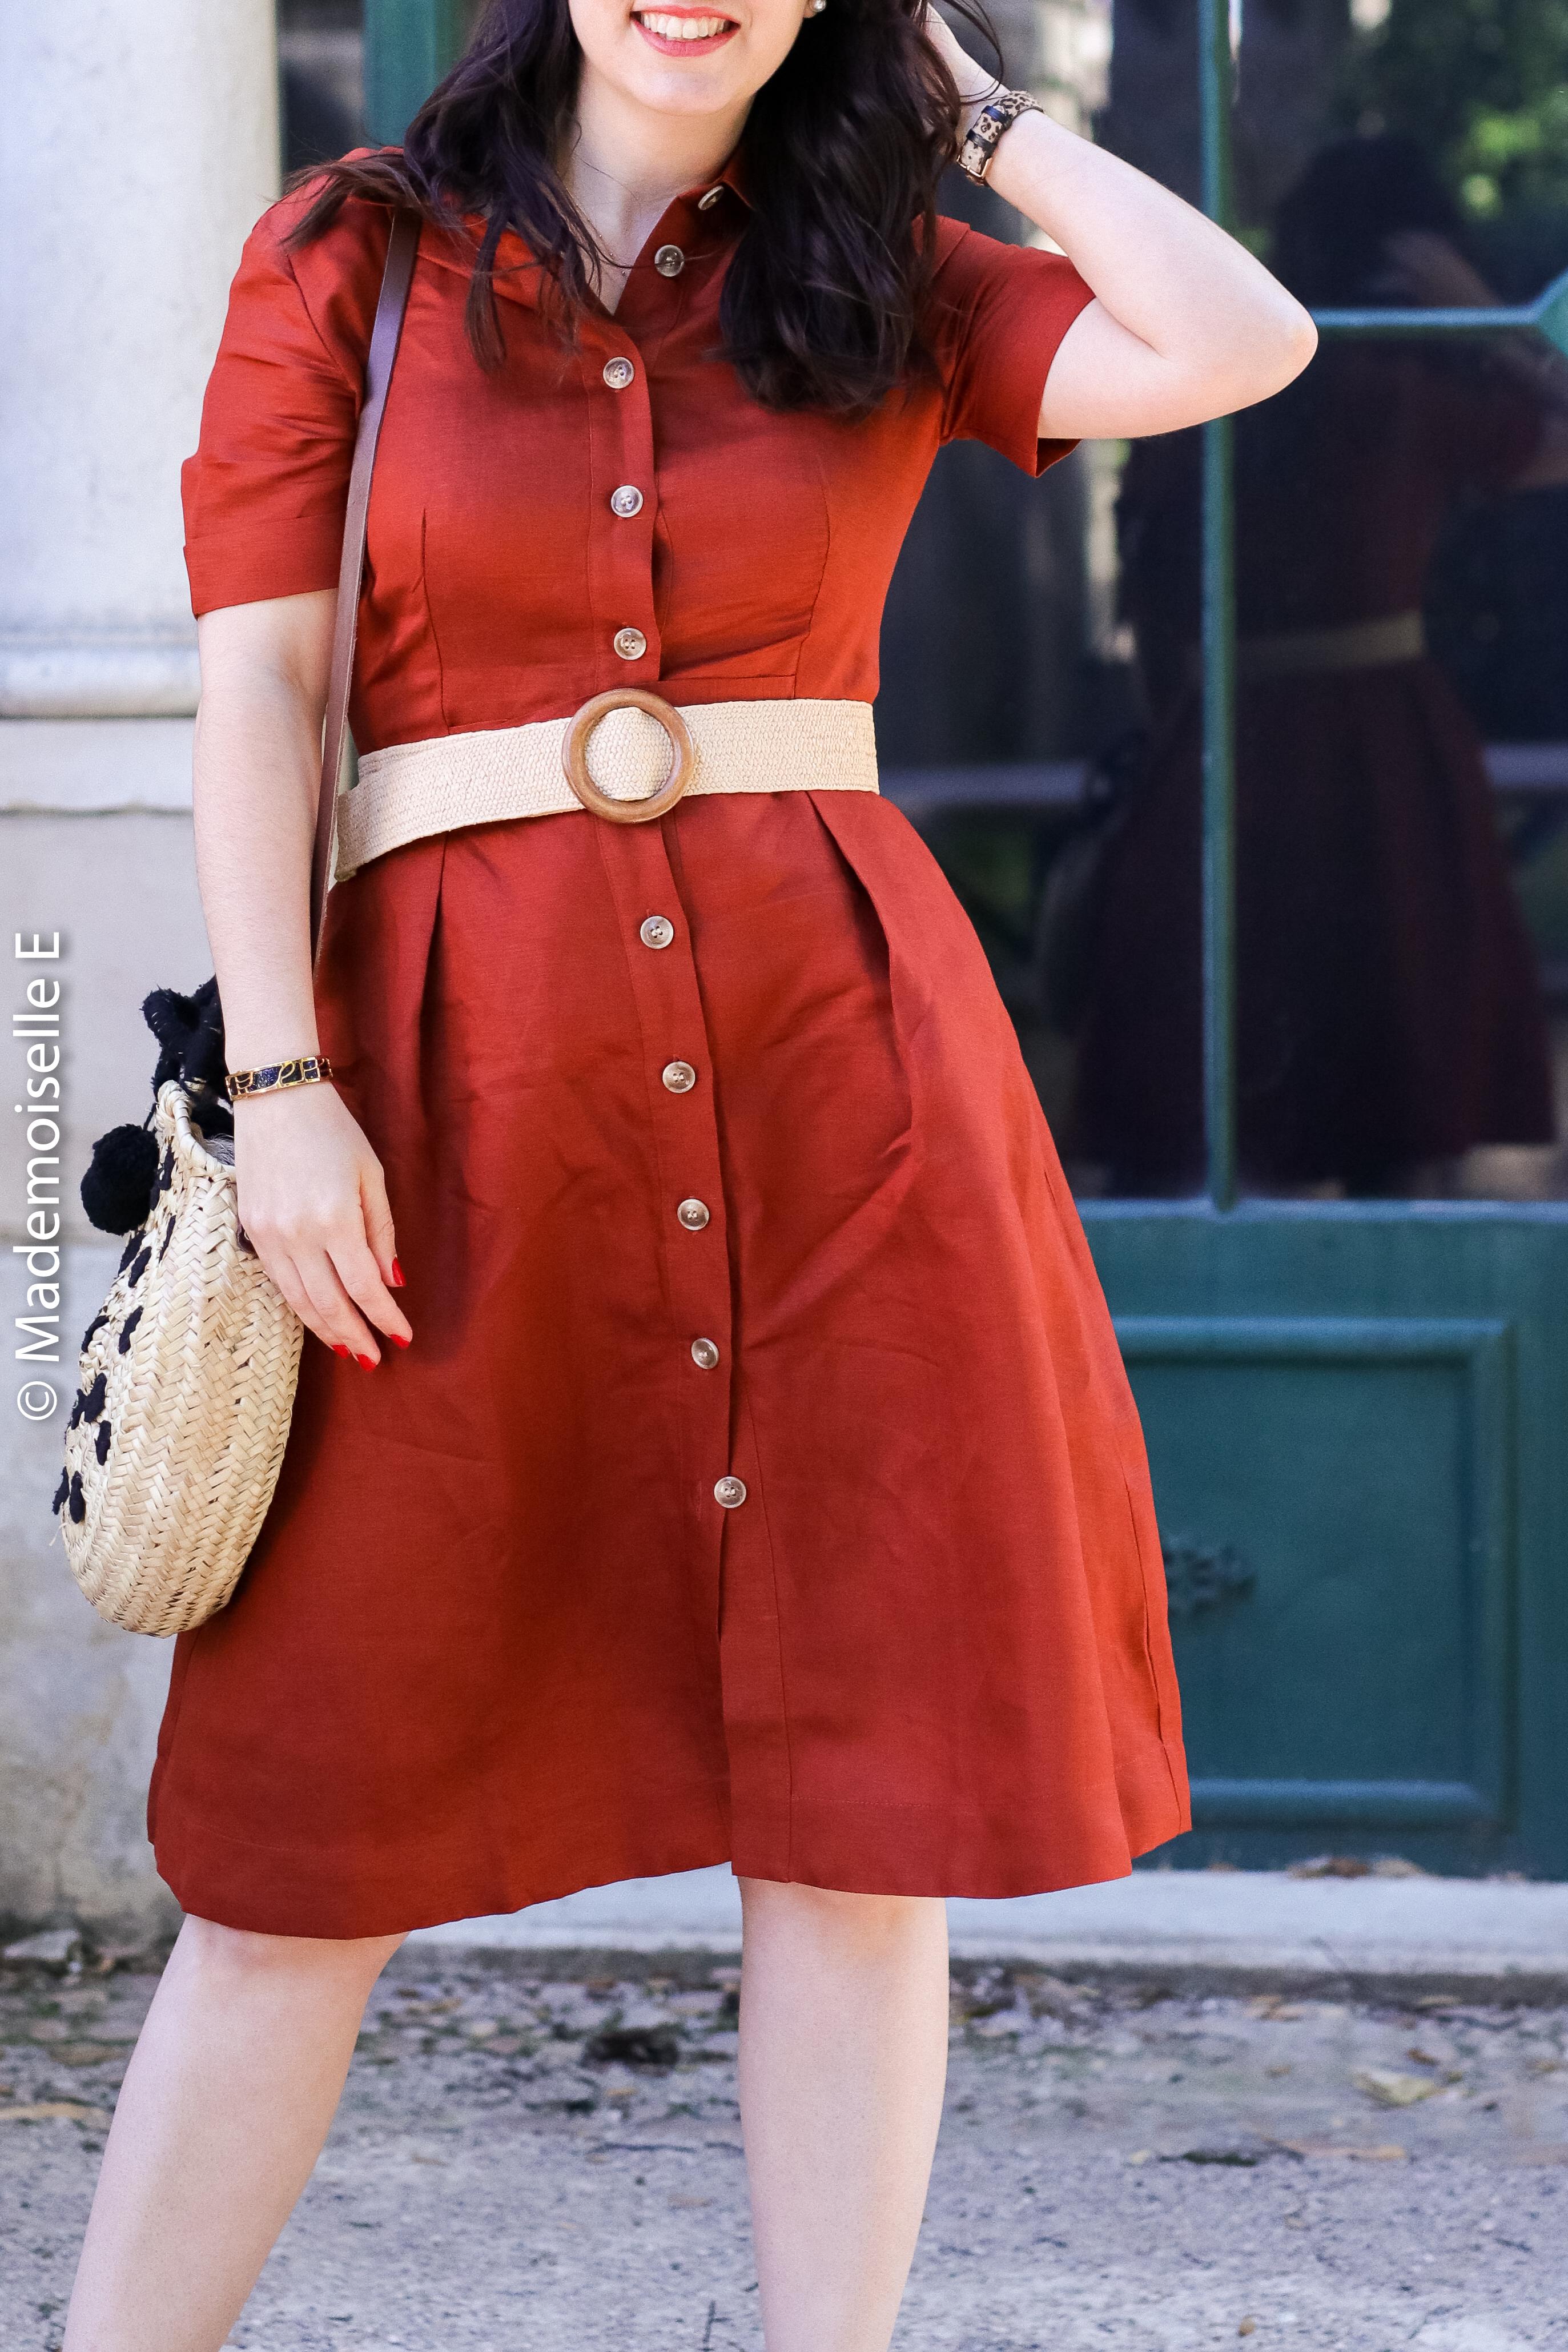 blog-mode-femme-robe-en-lin-23-mademoiselle-e